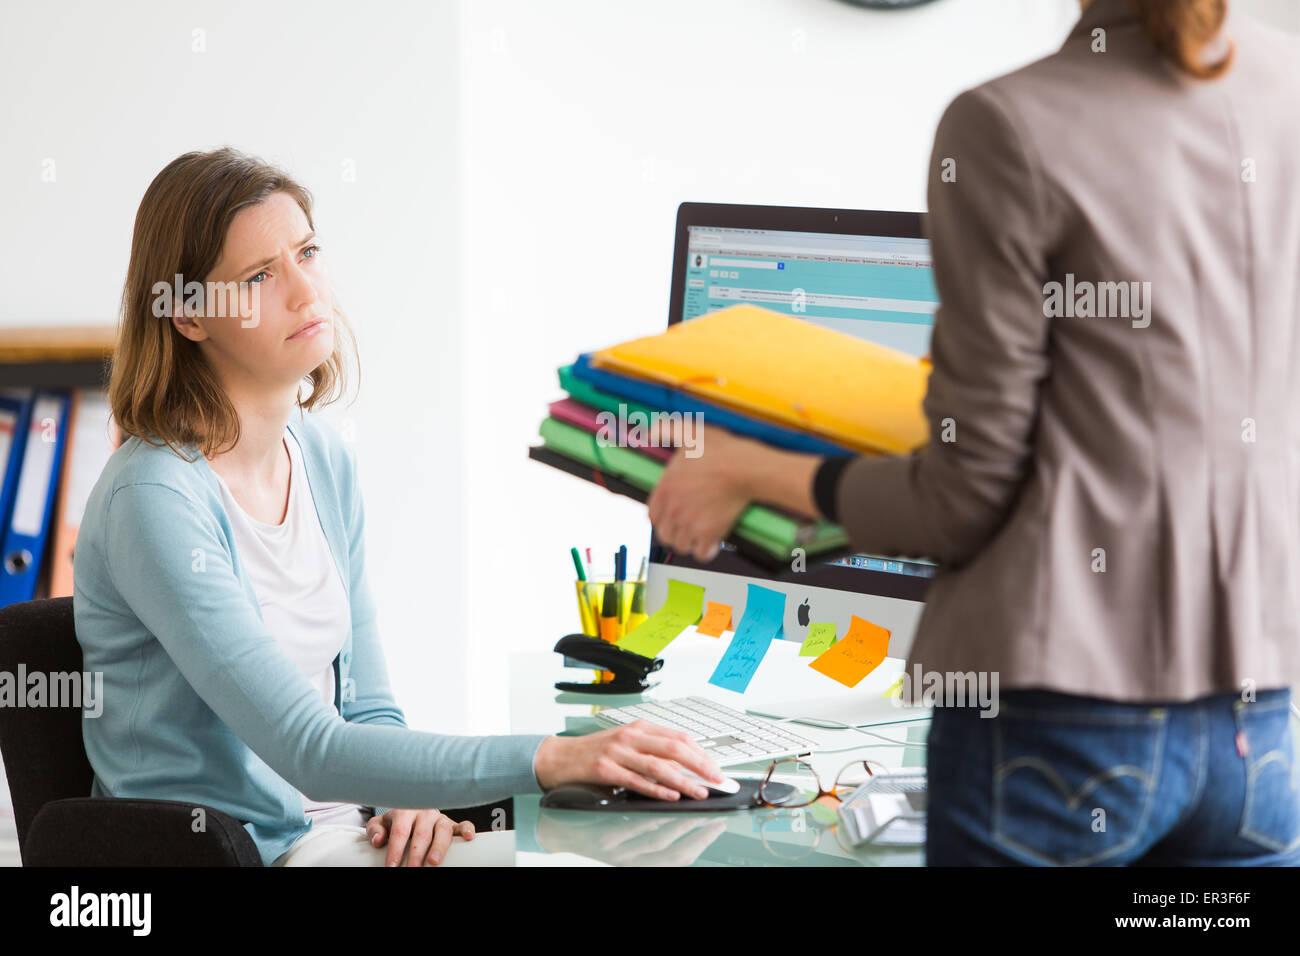 La gente de negocios en el lugar de trabajo. Imagen De Stock